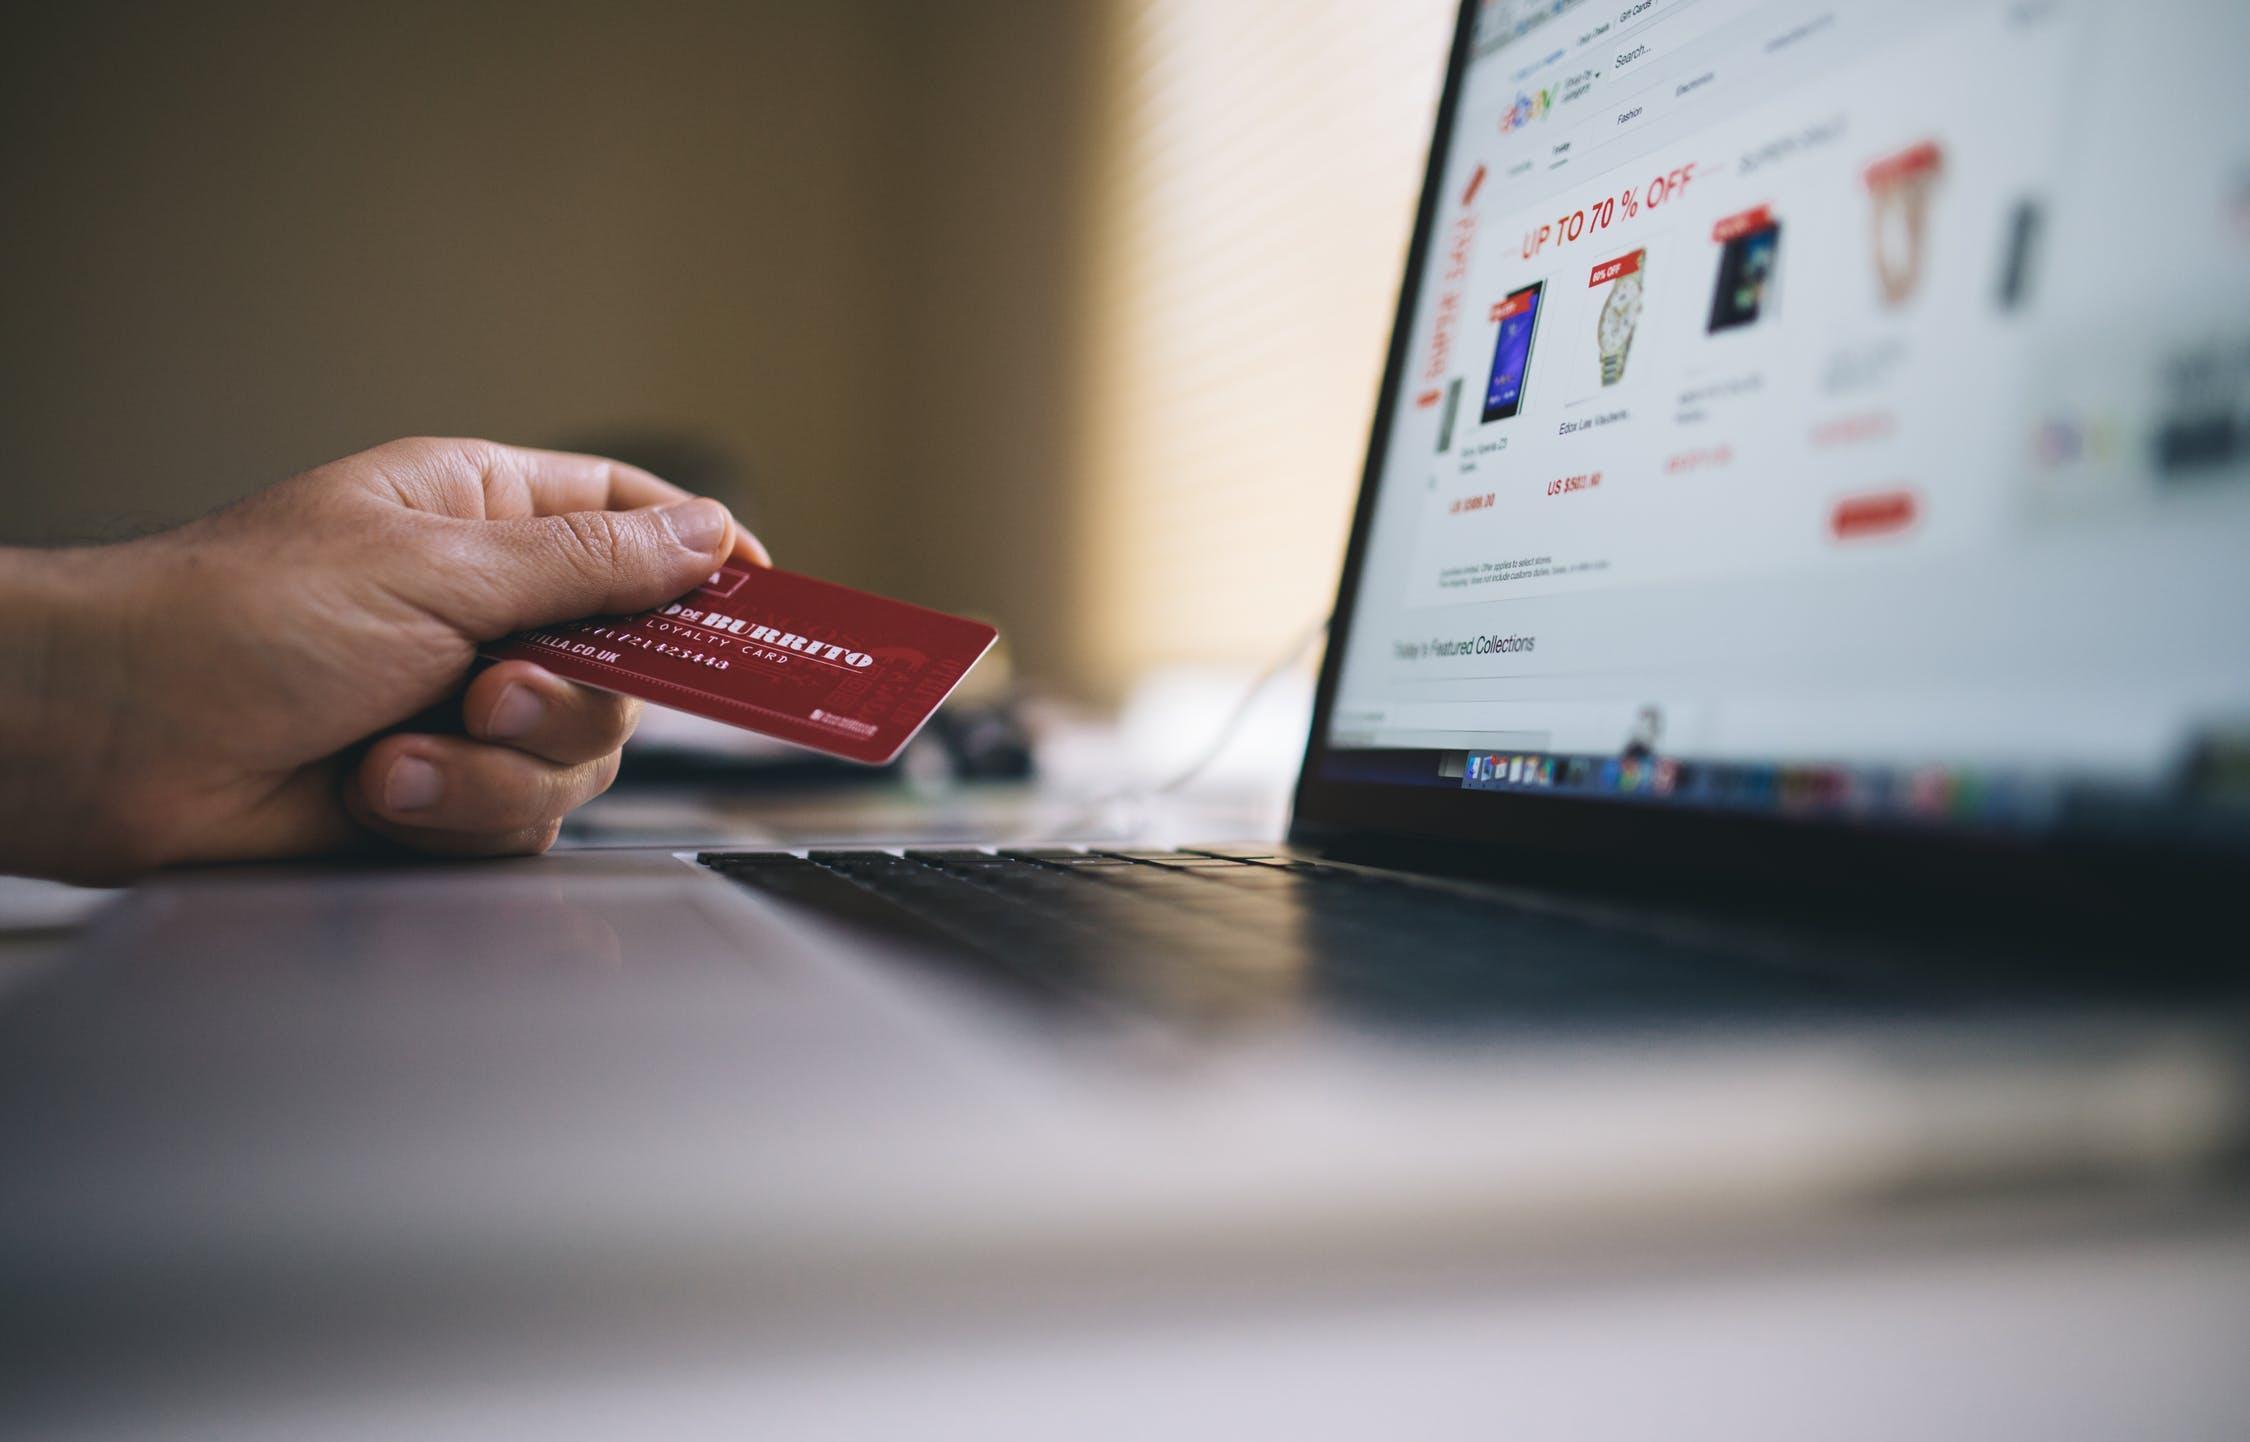 ВТБ запустил онлайн-продажу страховых продуктов - новости Афанасий